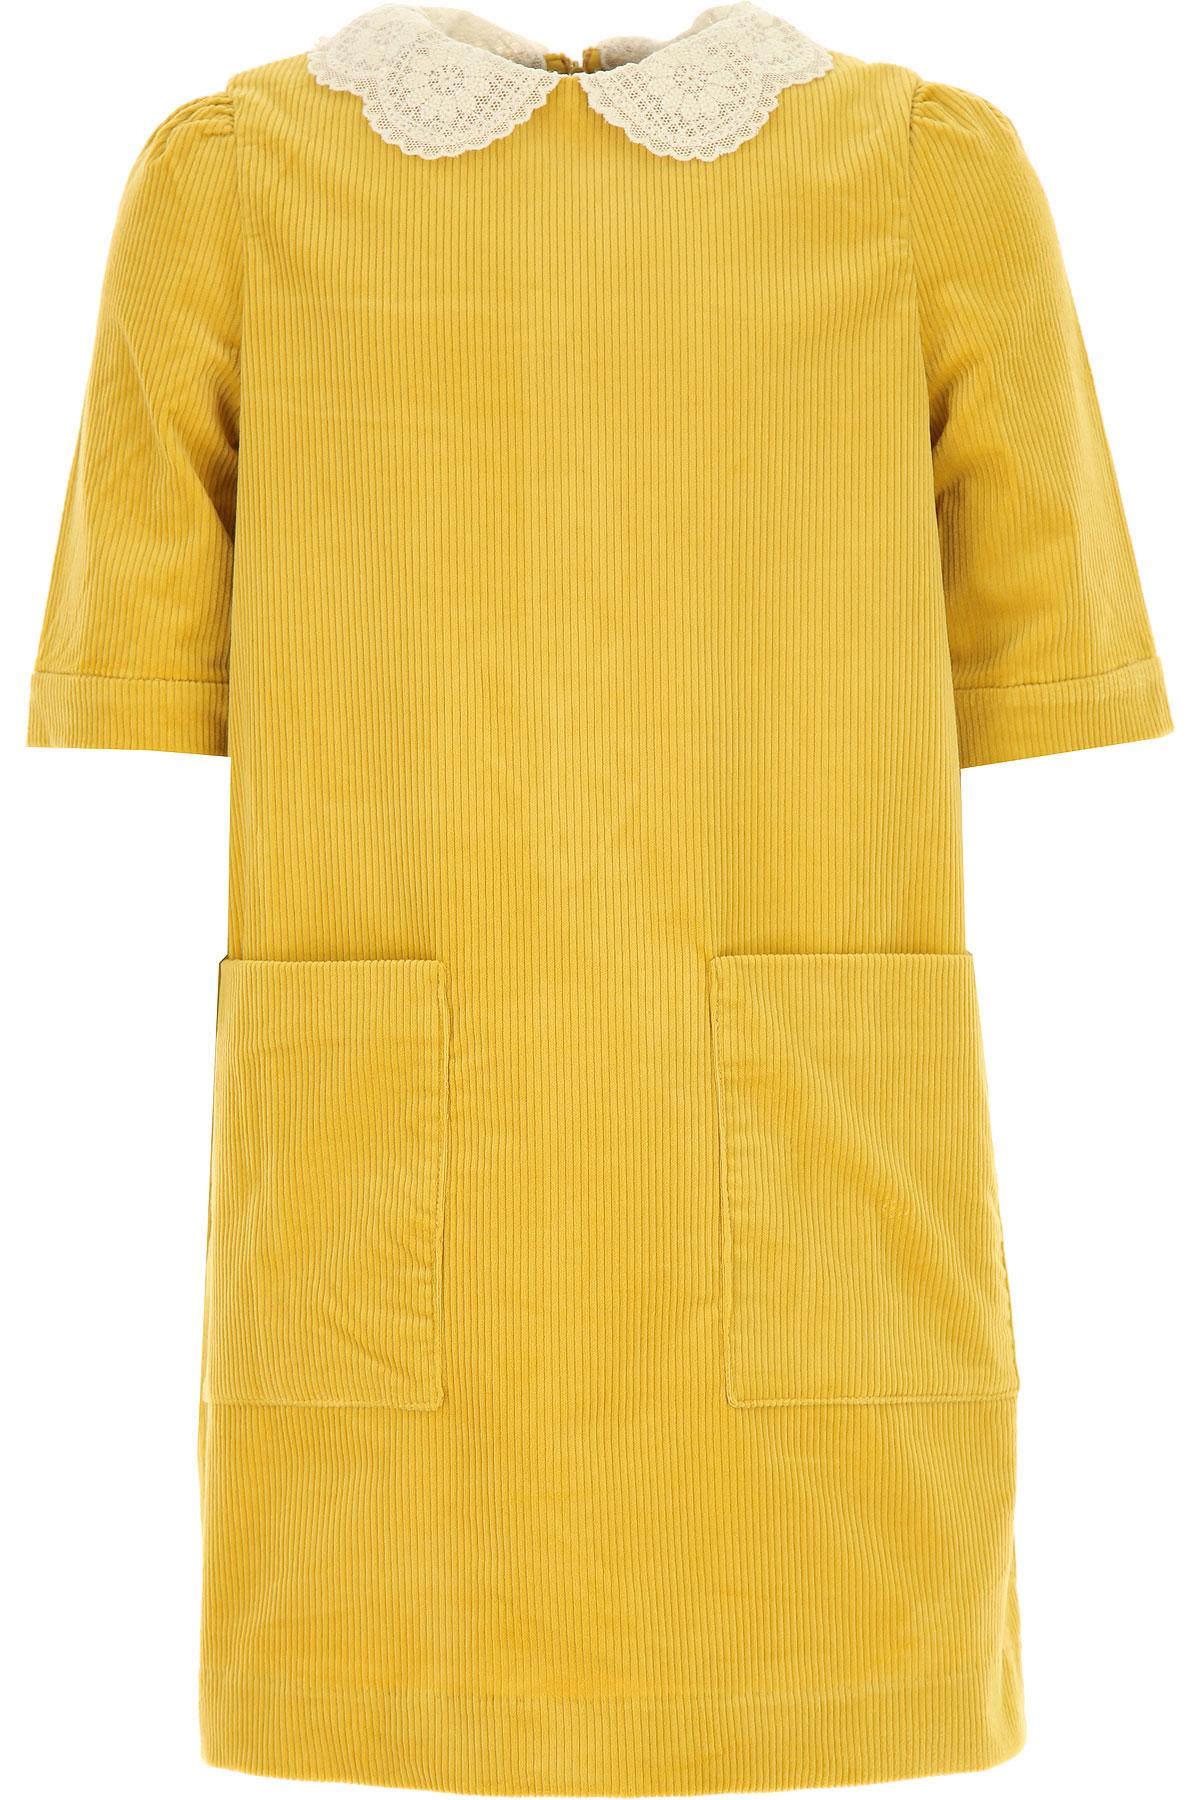 Bonpoint Girls Dress On Sale, Mustard, Cotton, 2019, 10Y 4Y 6Y 8Y